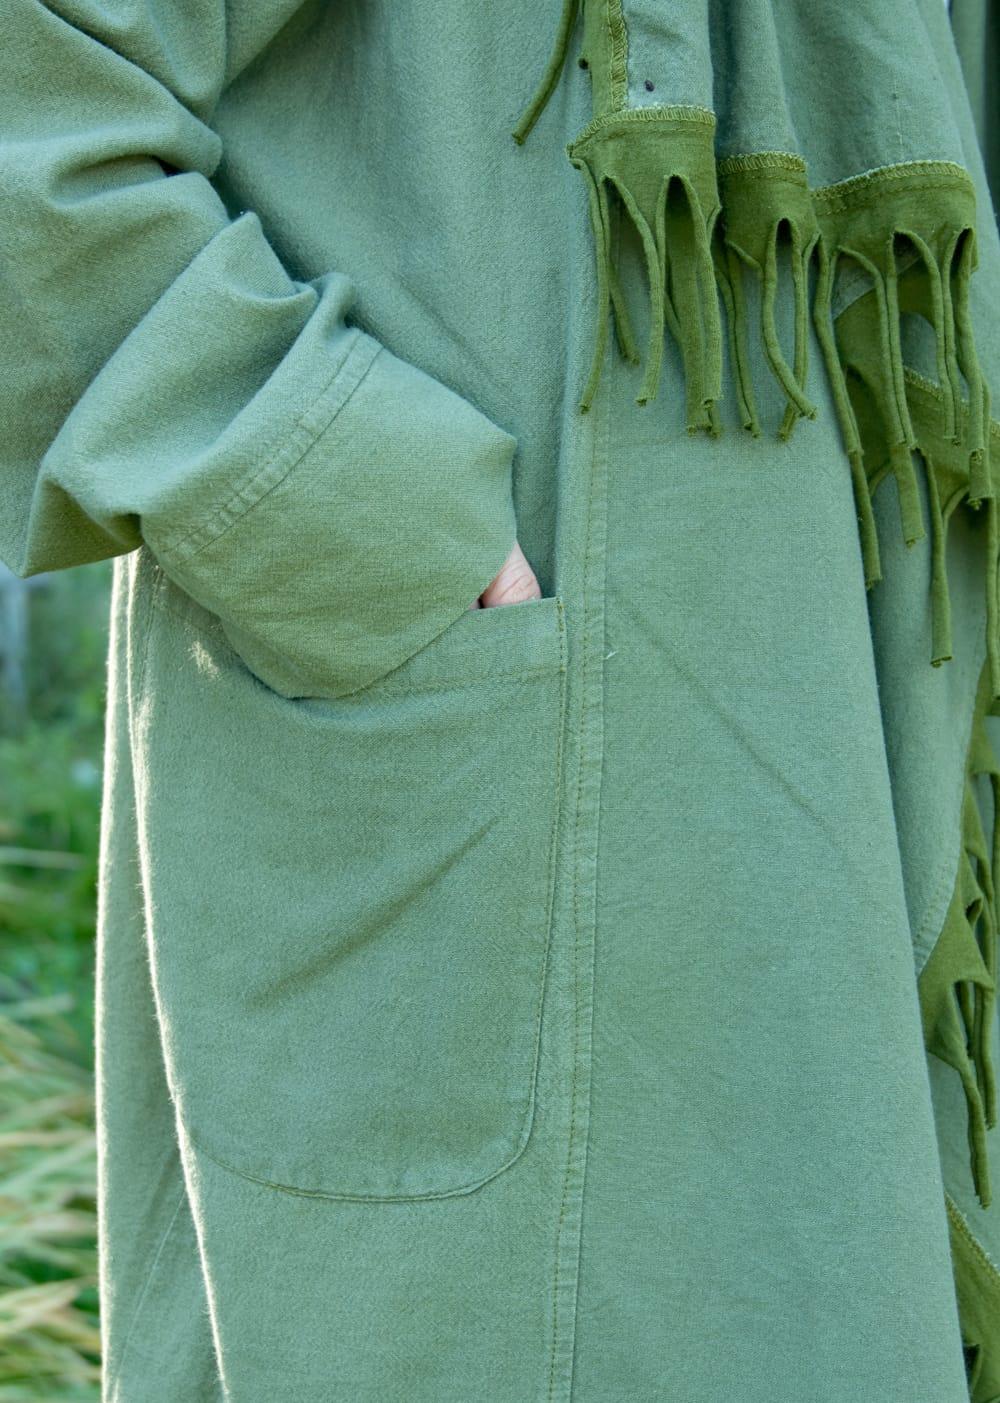 たっぷりフリンジのコットンジャケット 5 - 大きなポケットも使いやすい!